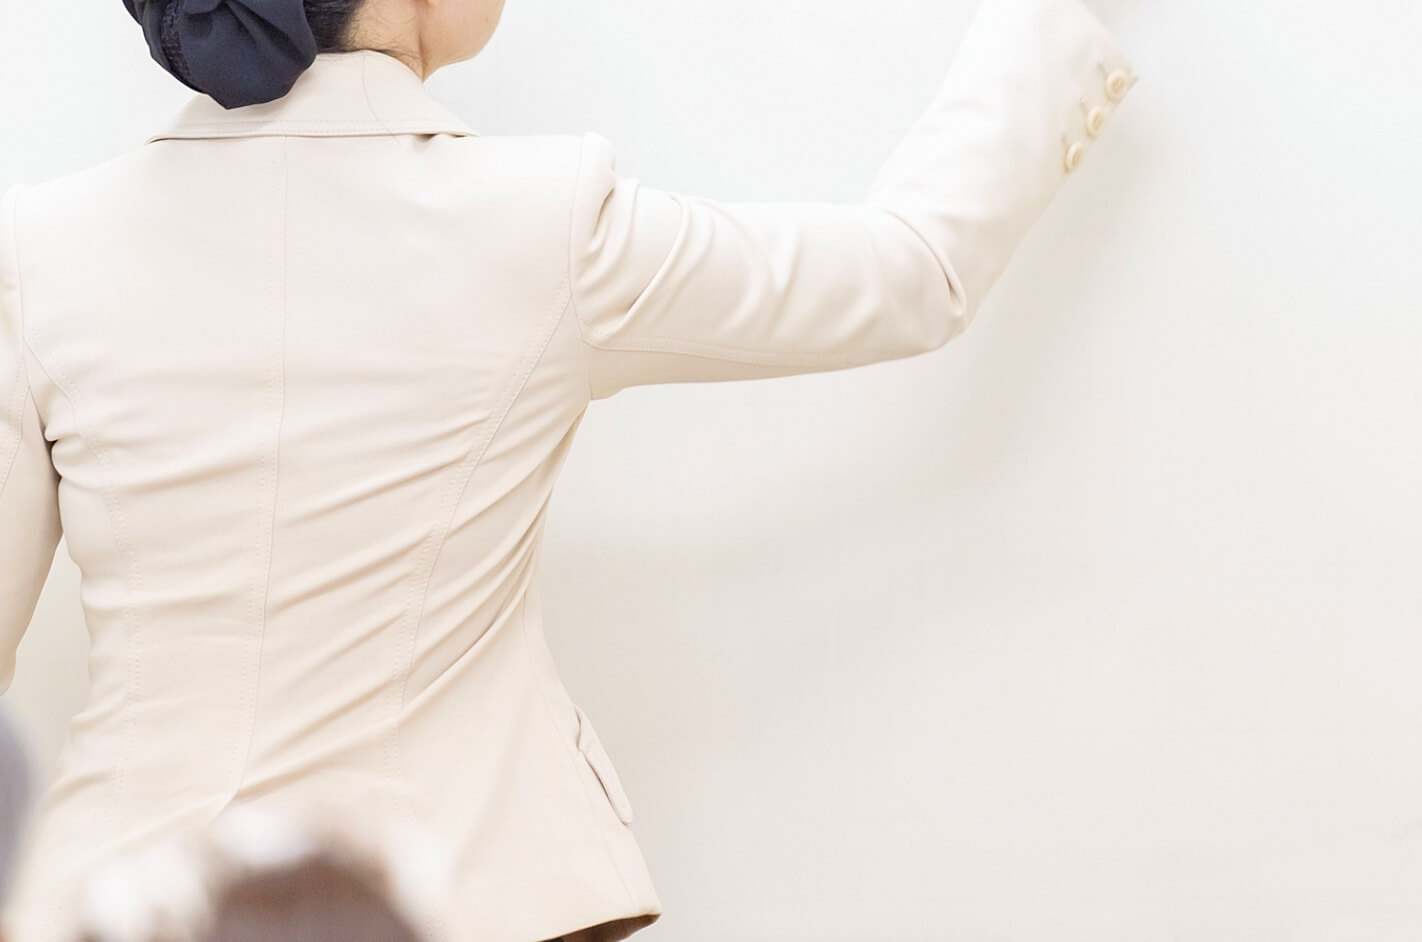 スーツを着た女性のレイキ講師がレクチャーする様子